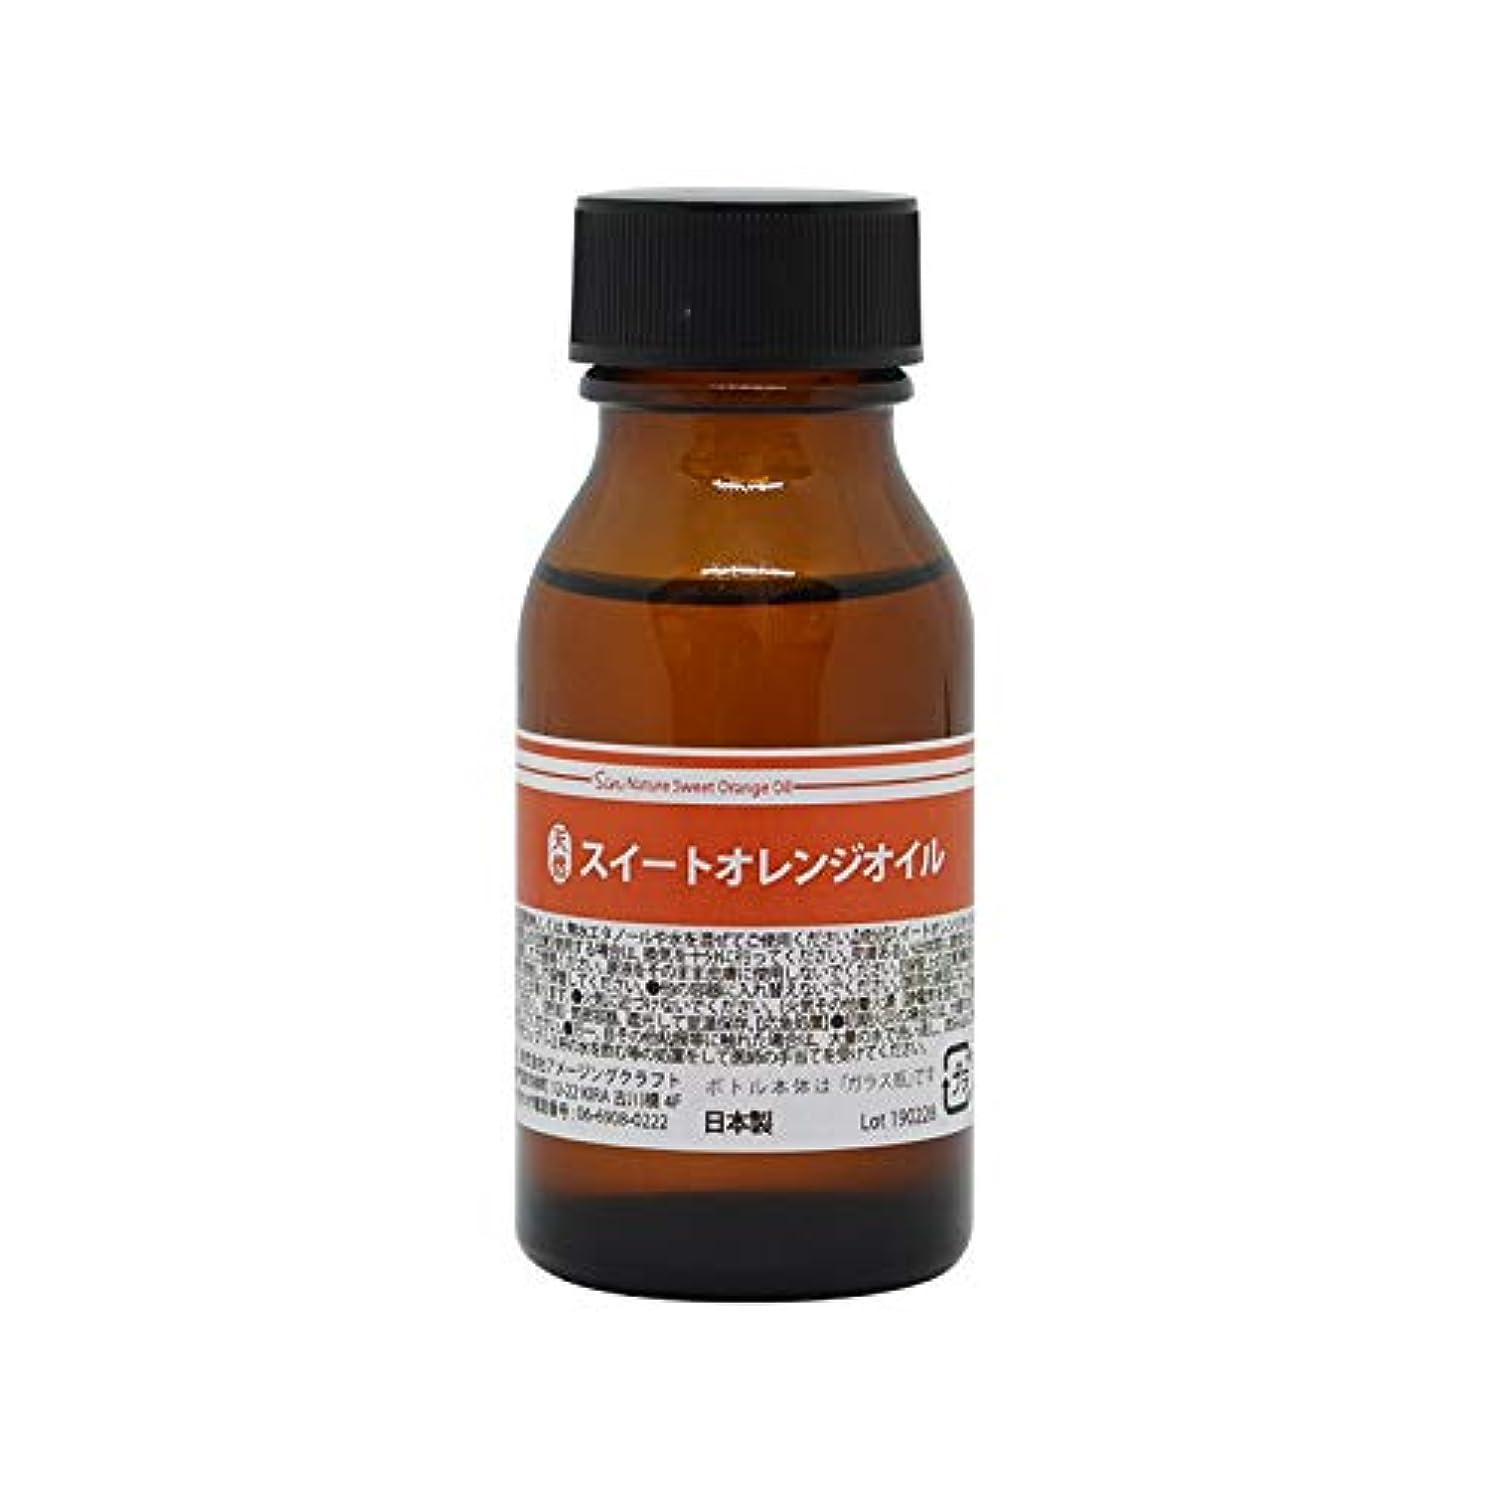 影響光沢不機嫌そうな天然100% スイートオレンジオイル 50ml (オレンジスイート) エッセンシャルオイル